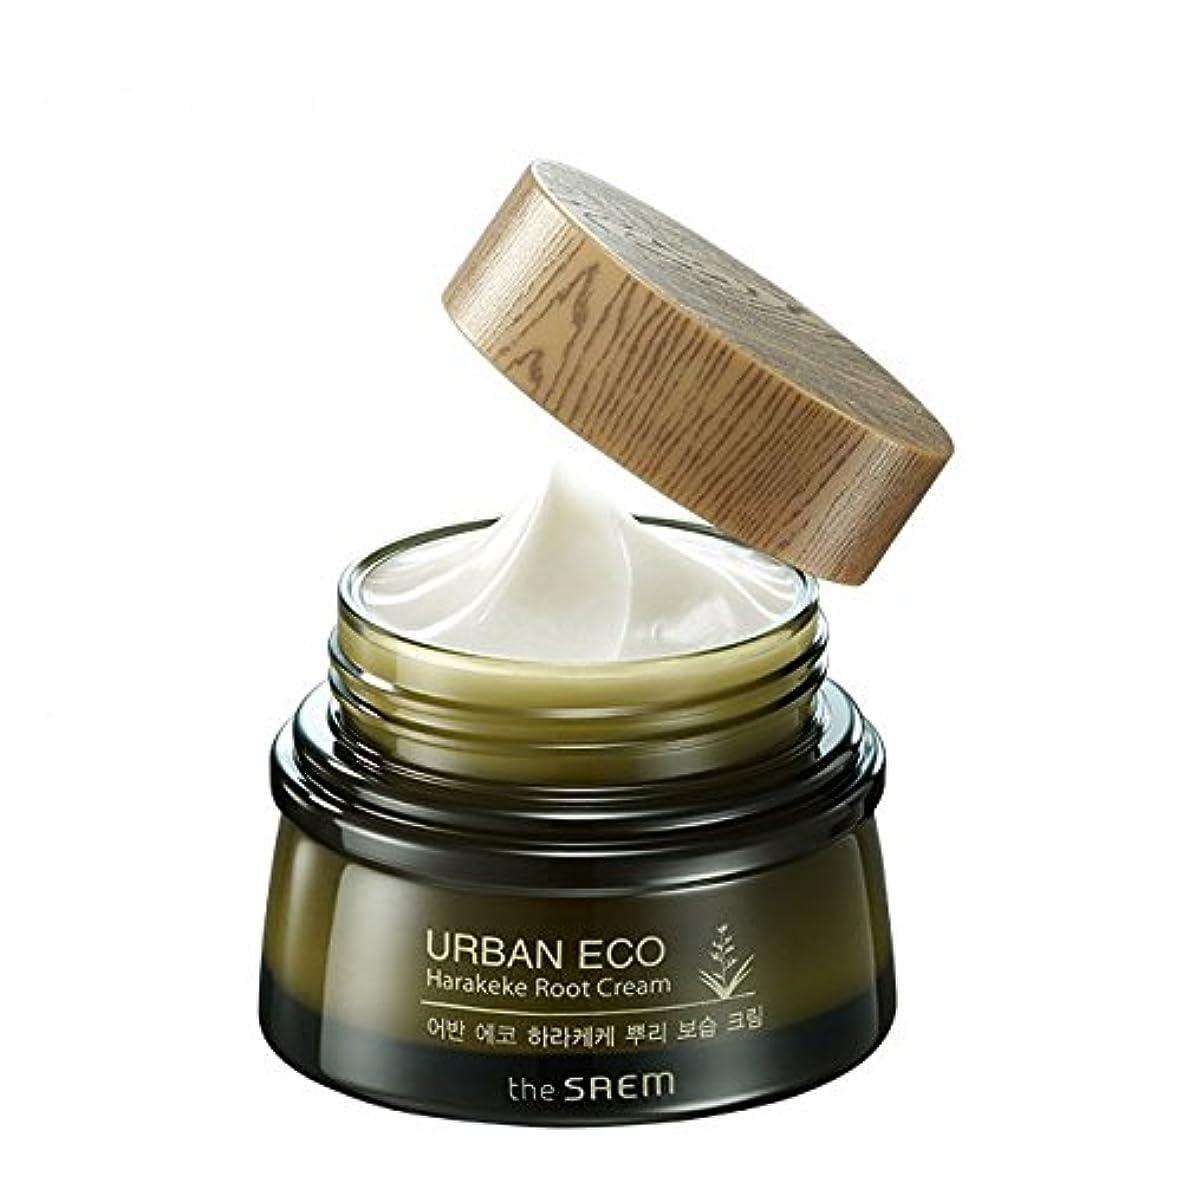 あえて許さないエール[ザセム] The Saem [アーバンエコ ハラケケ 根保湿クリーム60ml (The Saem Urban Eco Harakeke Root Cream60ml)